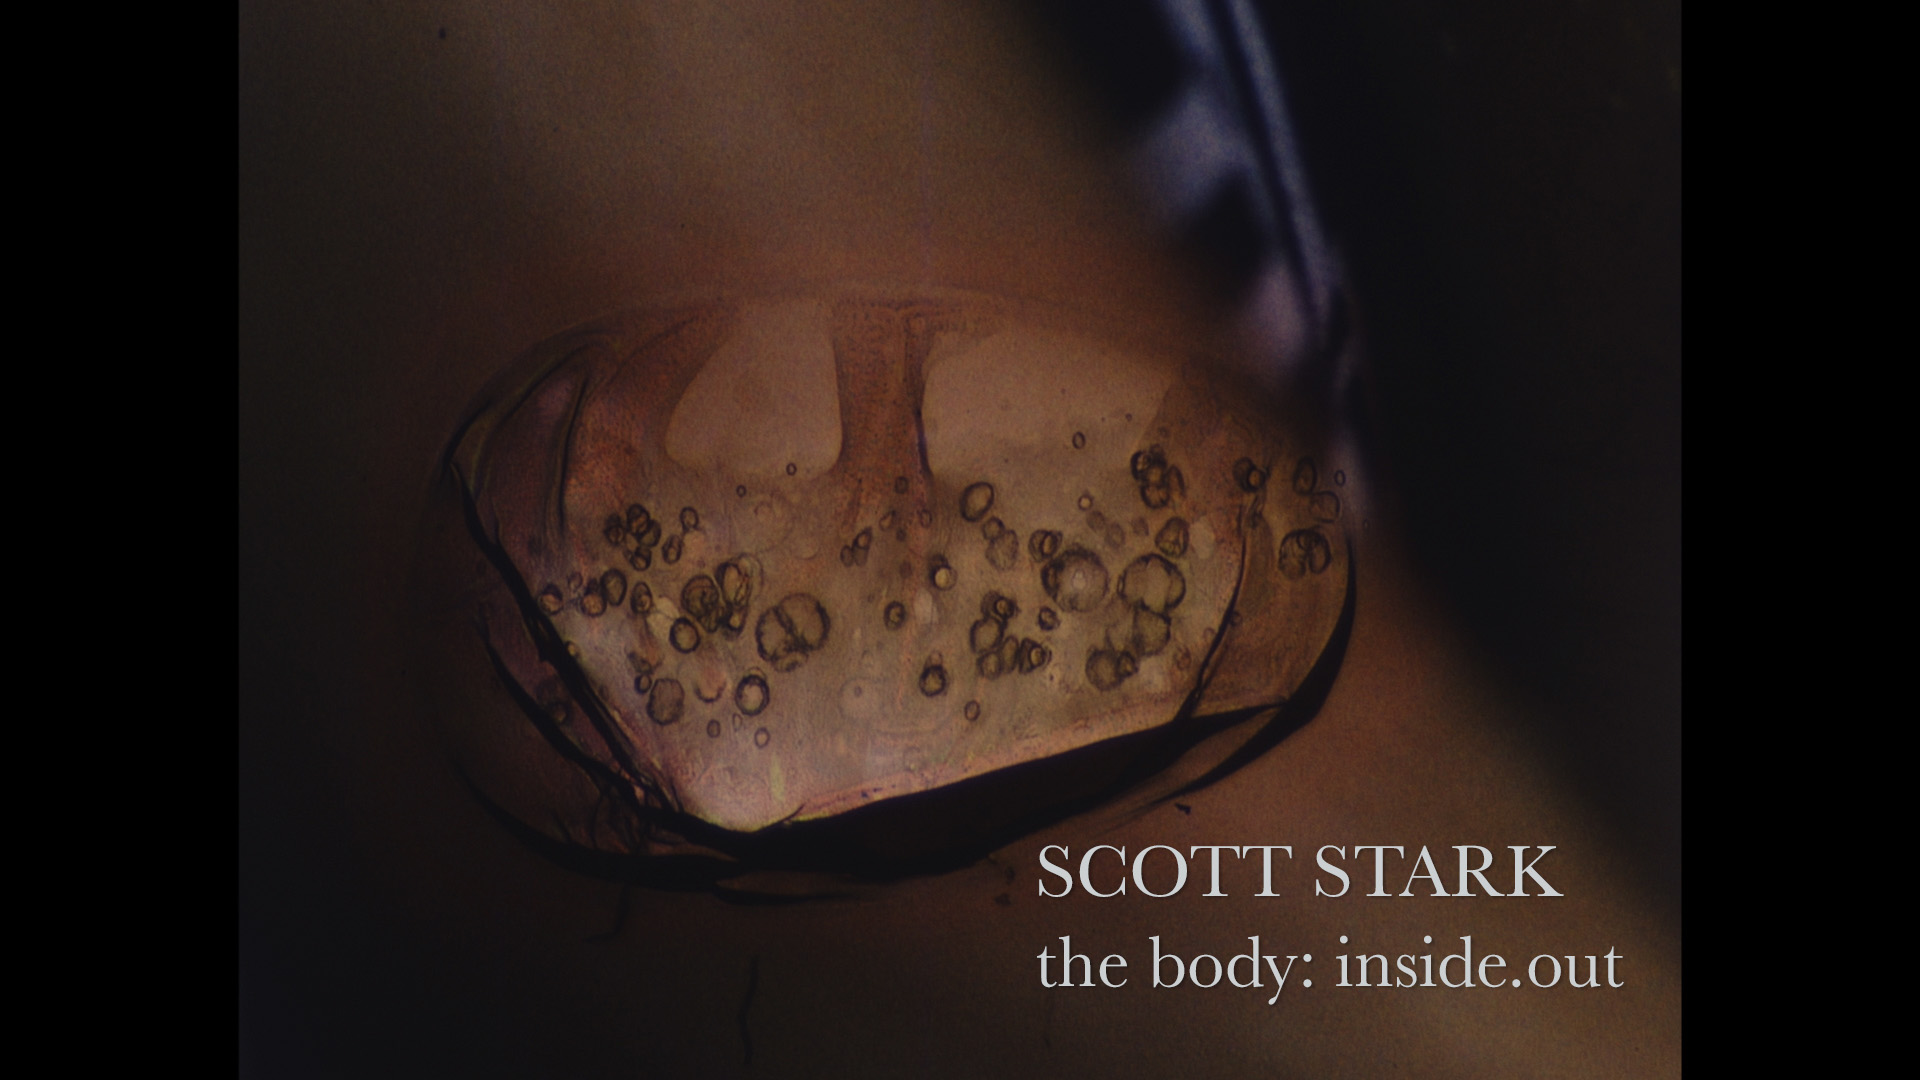 Scott Stark the body: inside.out poster